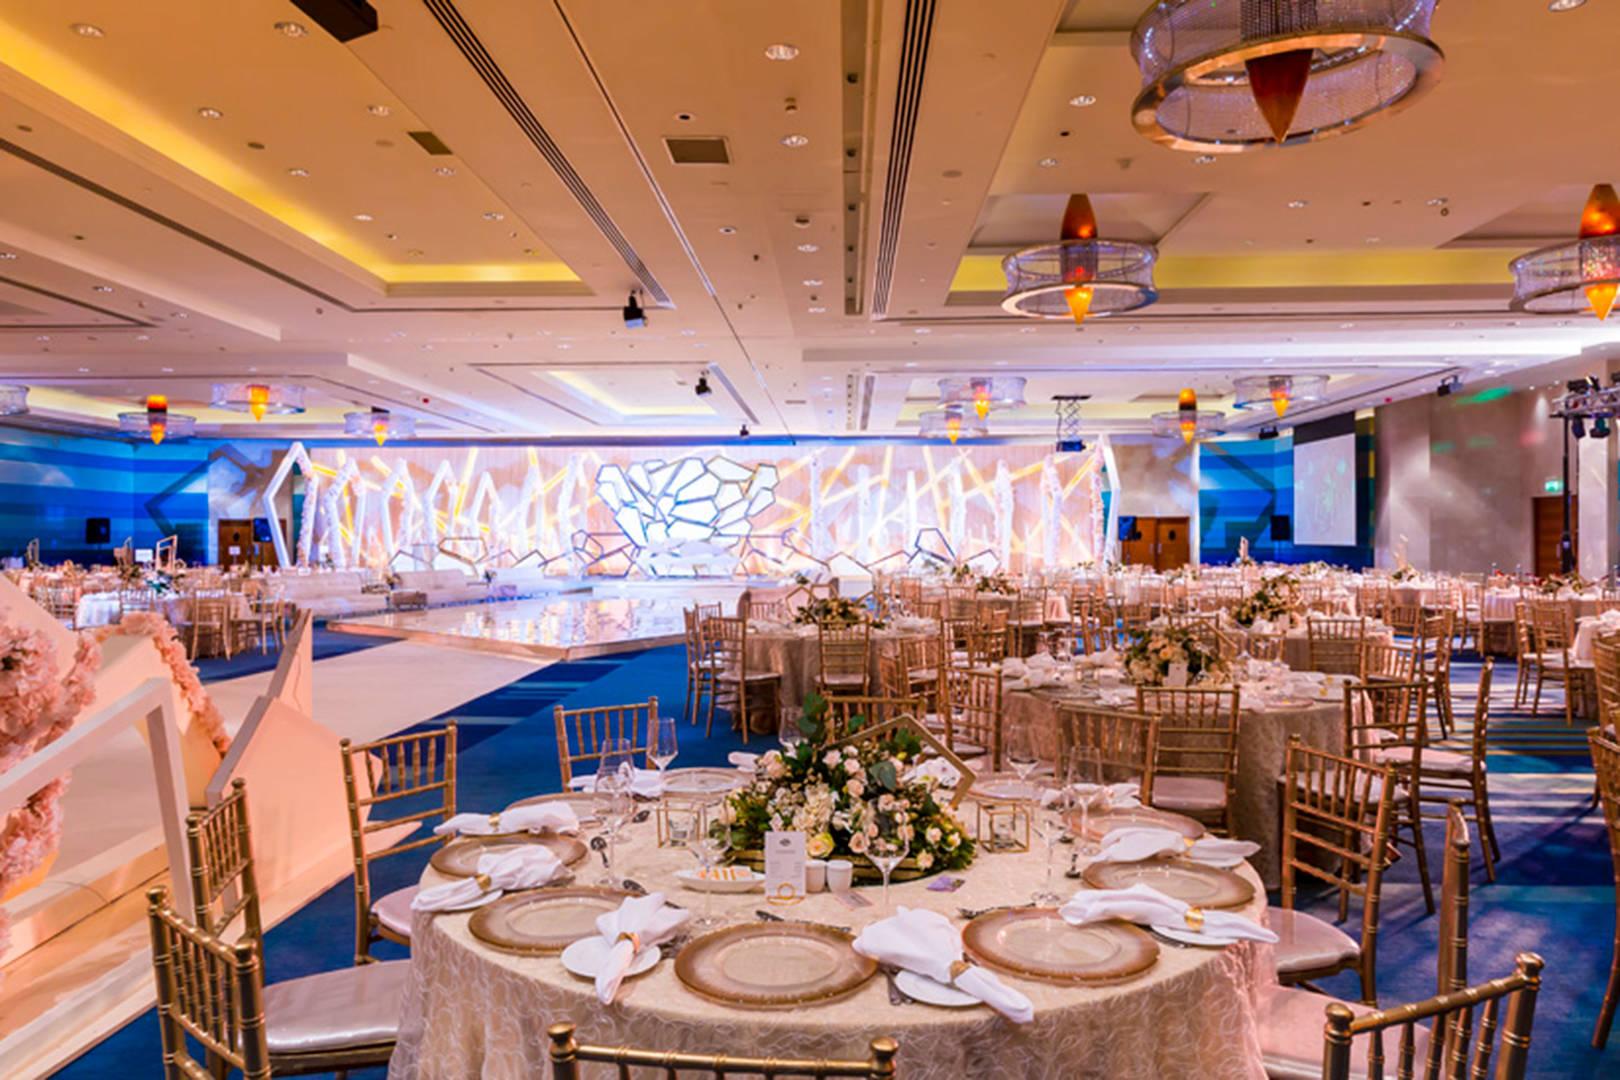 https://cdn.jumeirah.com/-/mediadh/DH/Hospitality/Jumeirah/Occasion/Dubai/Jumeirah-Beach-Hotel/Safinah-Ballroom/JumeirahBeachHotelSafinahBallroomWedding2364.jpg?h=1080&w=1620&hash=89C316245AC190ADF9054EDB57A0A8F0